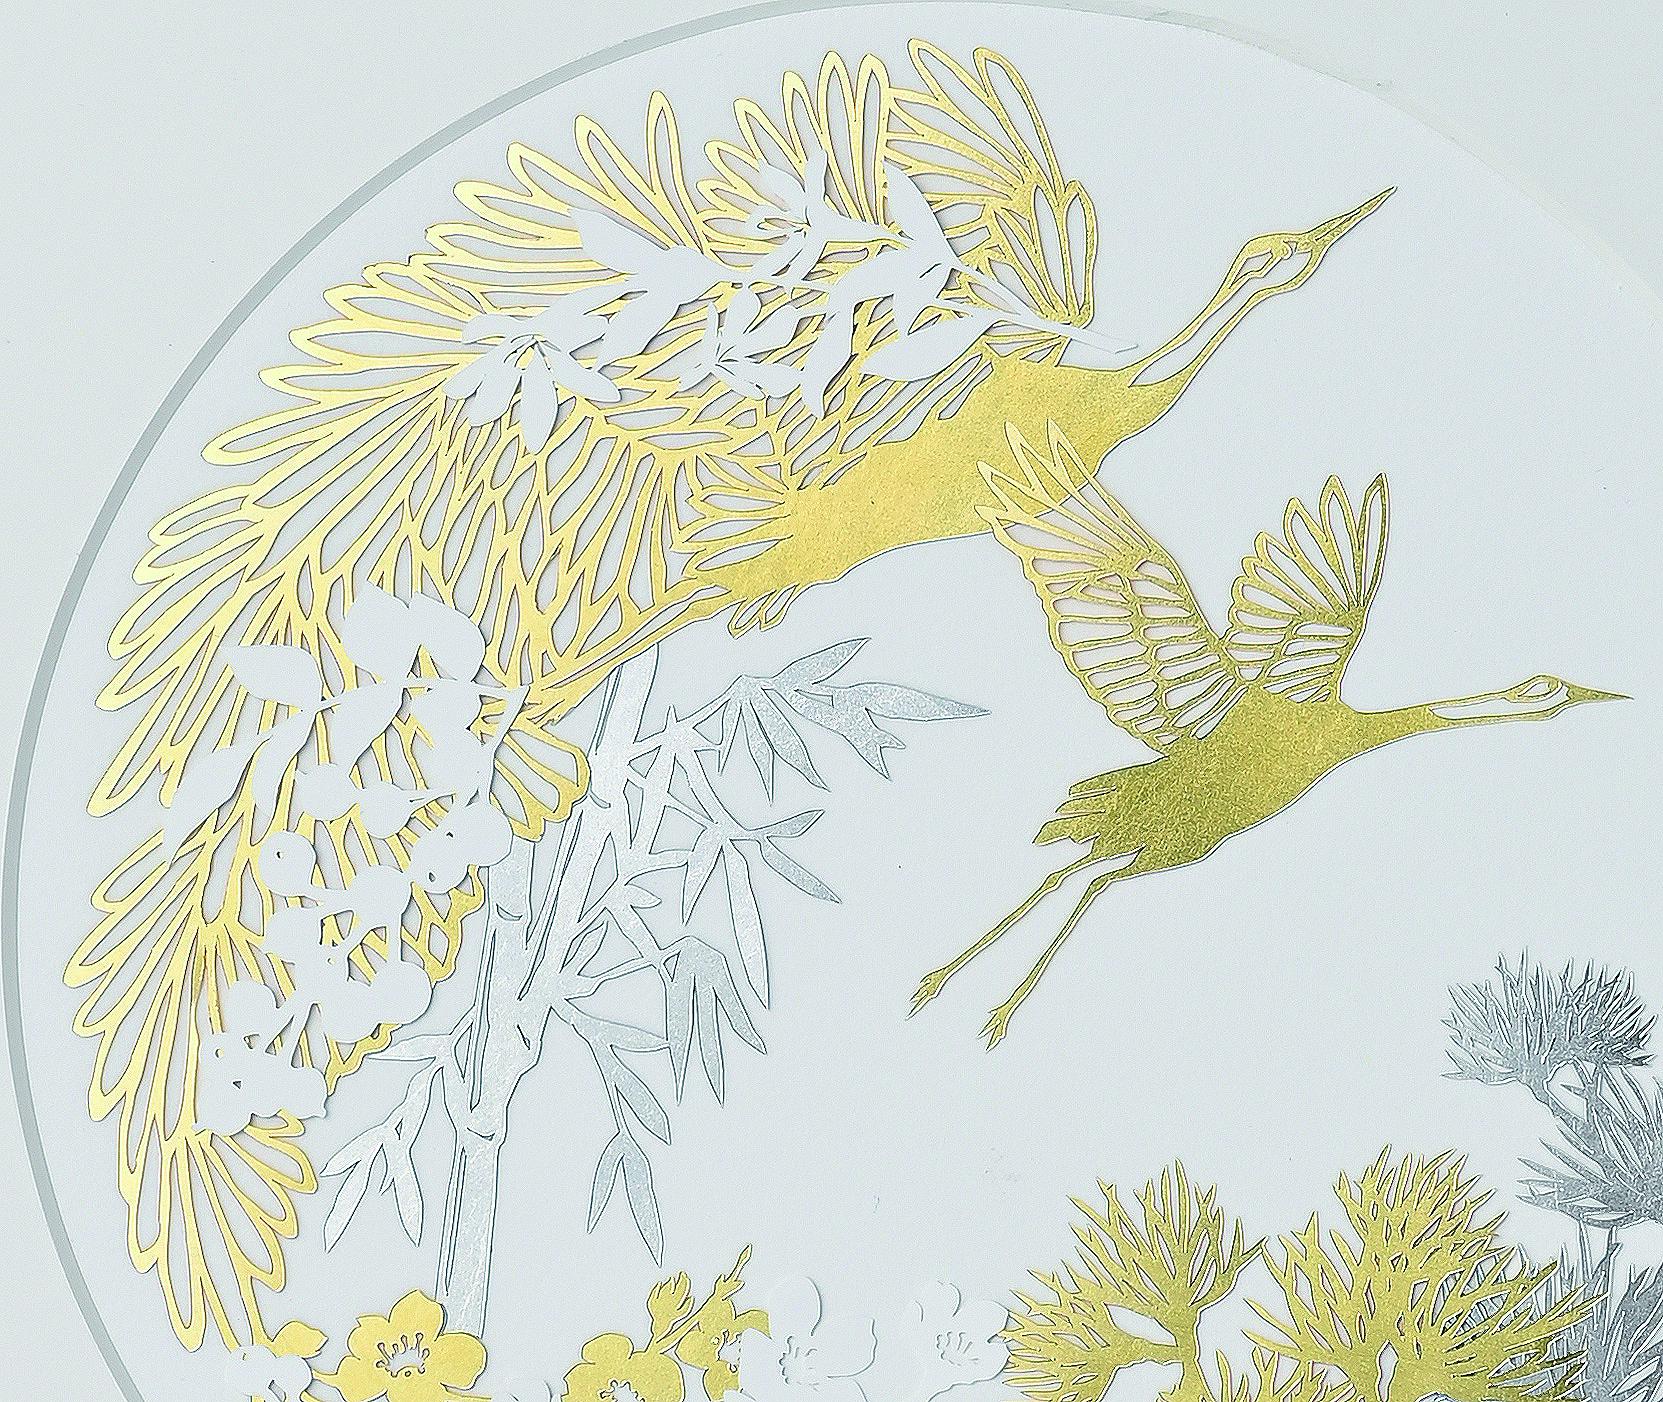 縁起の良い鶴と松竹梅をモチーフ「金箔/プラチナ箔アート額 双鶴」が発売(ギンザタナカ)